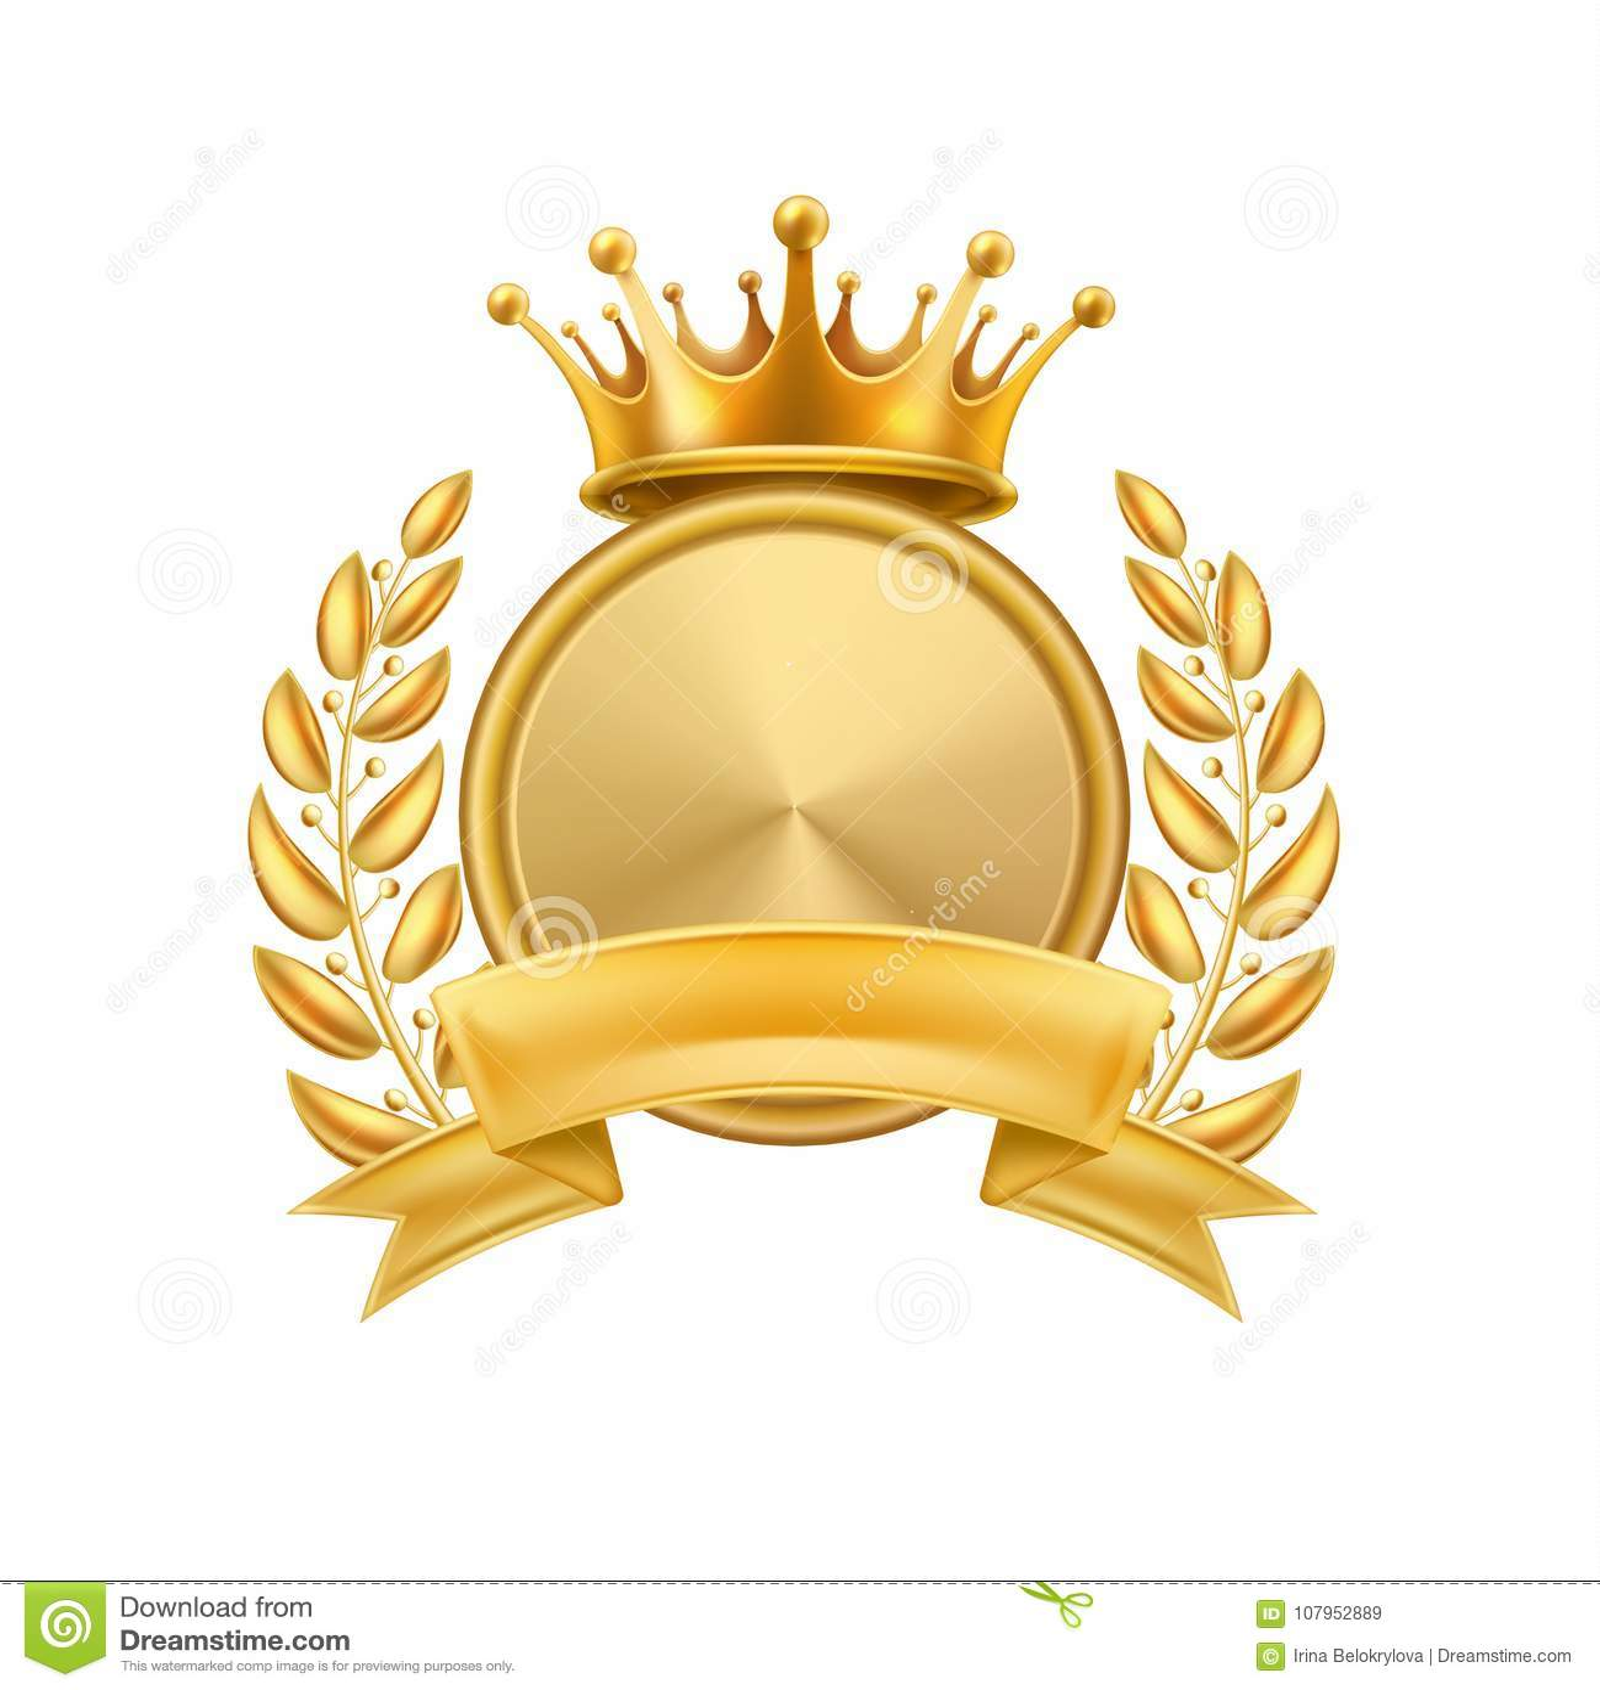 Złocistej korony wianku zwycięzcy laurowa rama odizolowywająca